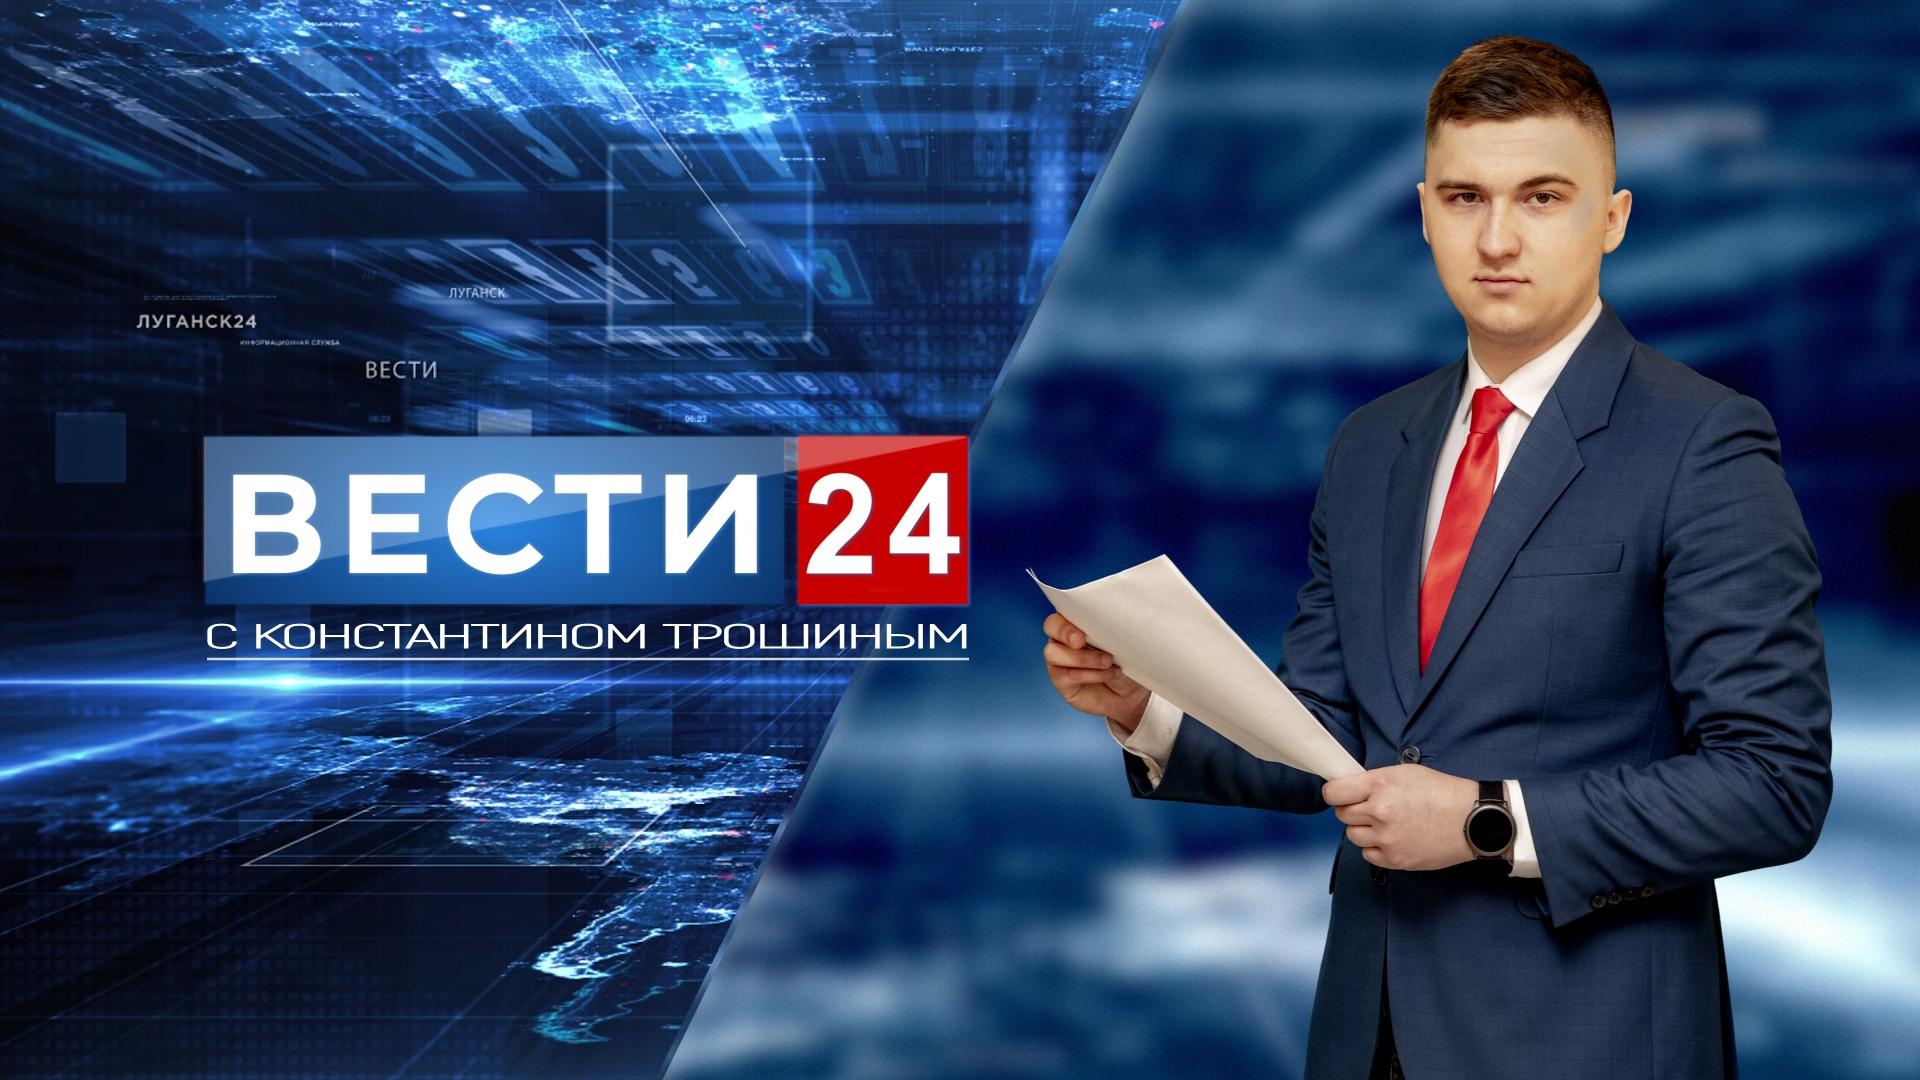 ГТРК ЛНР. Вести. 30 июля 2021 г. 5:30